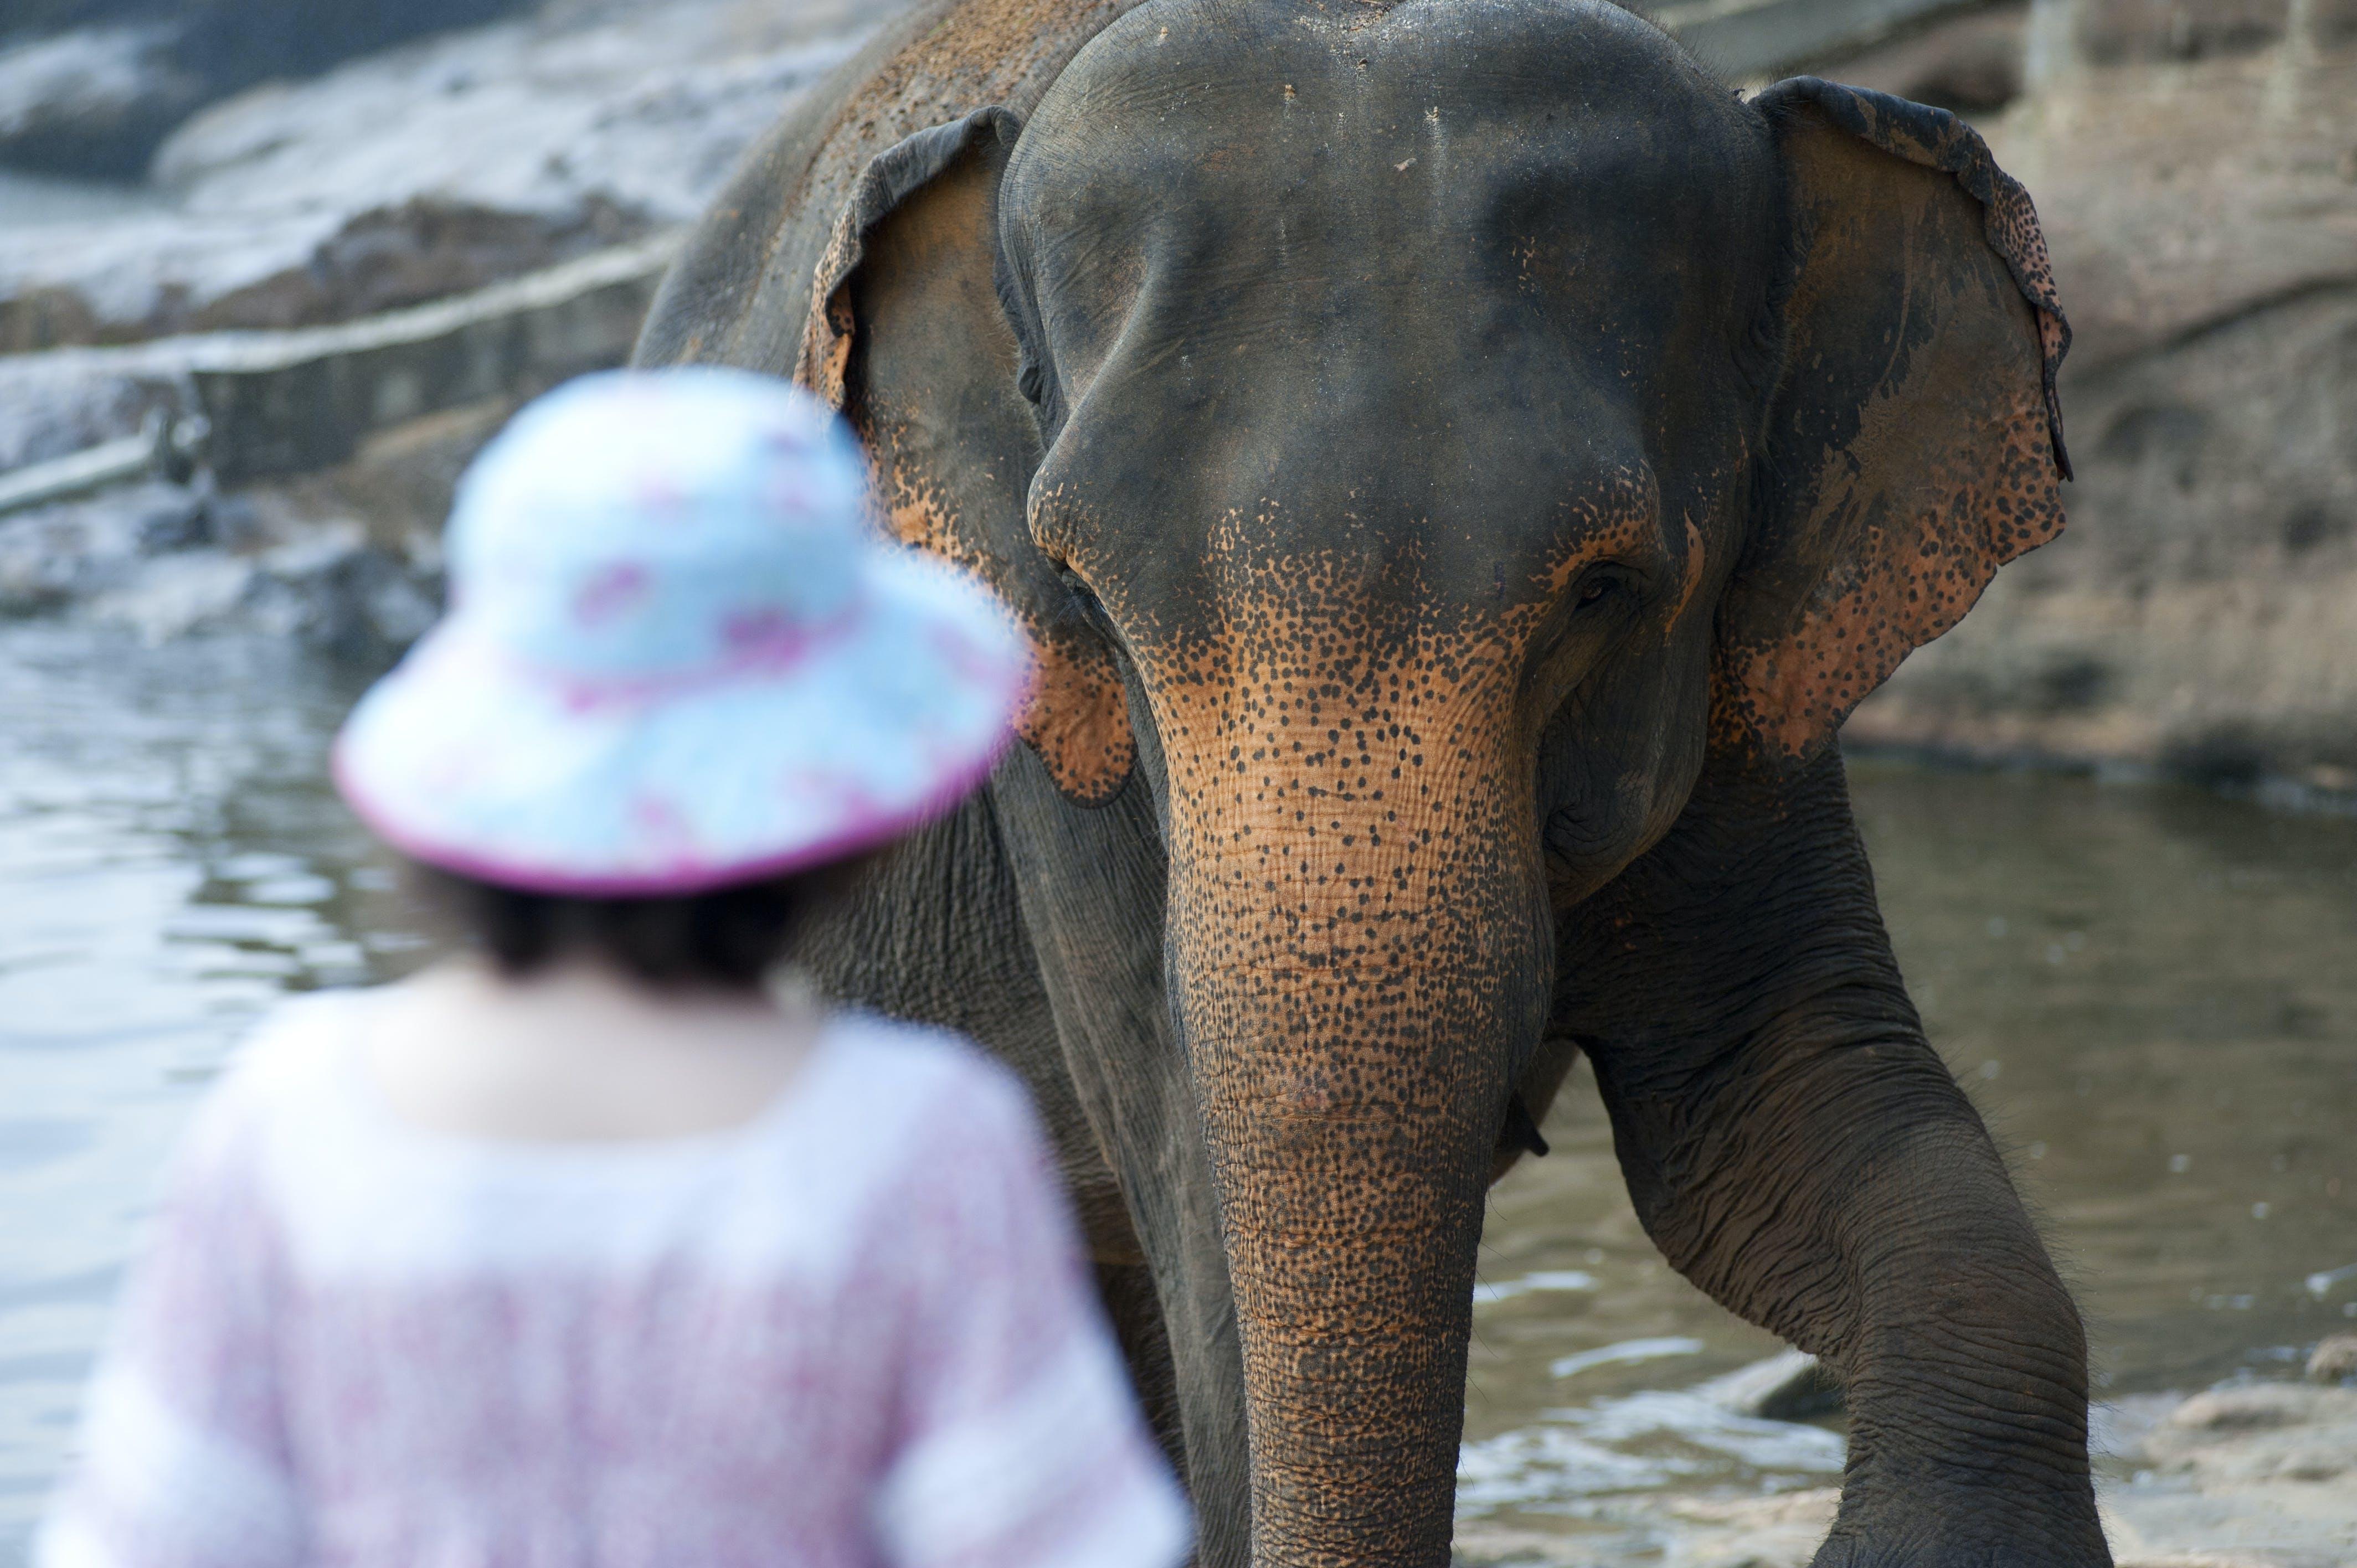 Kostenloses Stock Foto zu baumstamm, elefant, felsen, frau